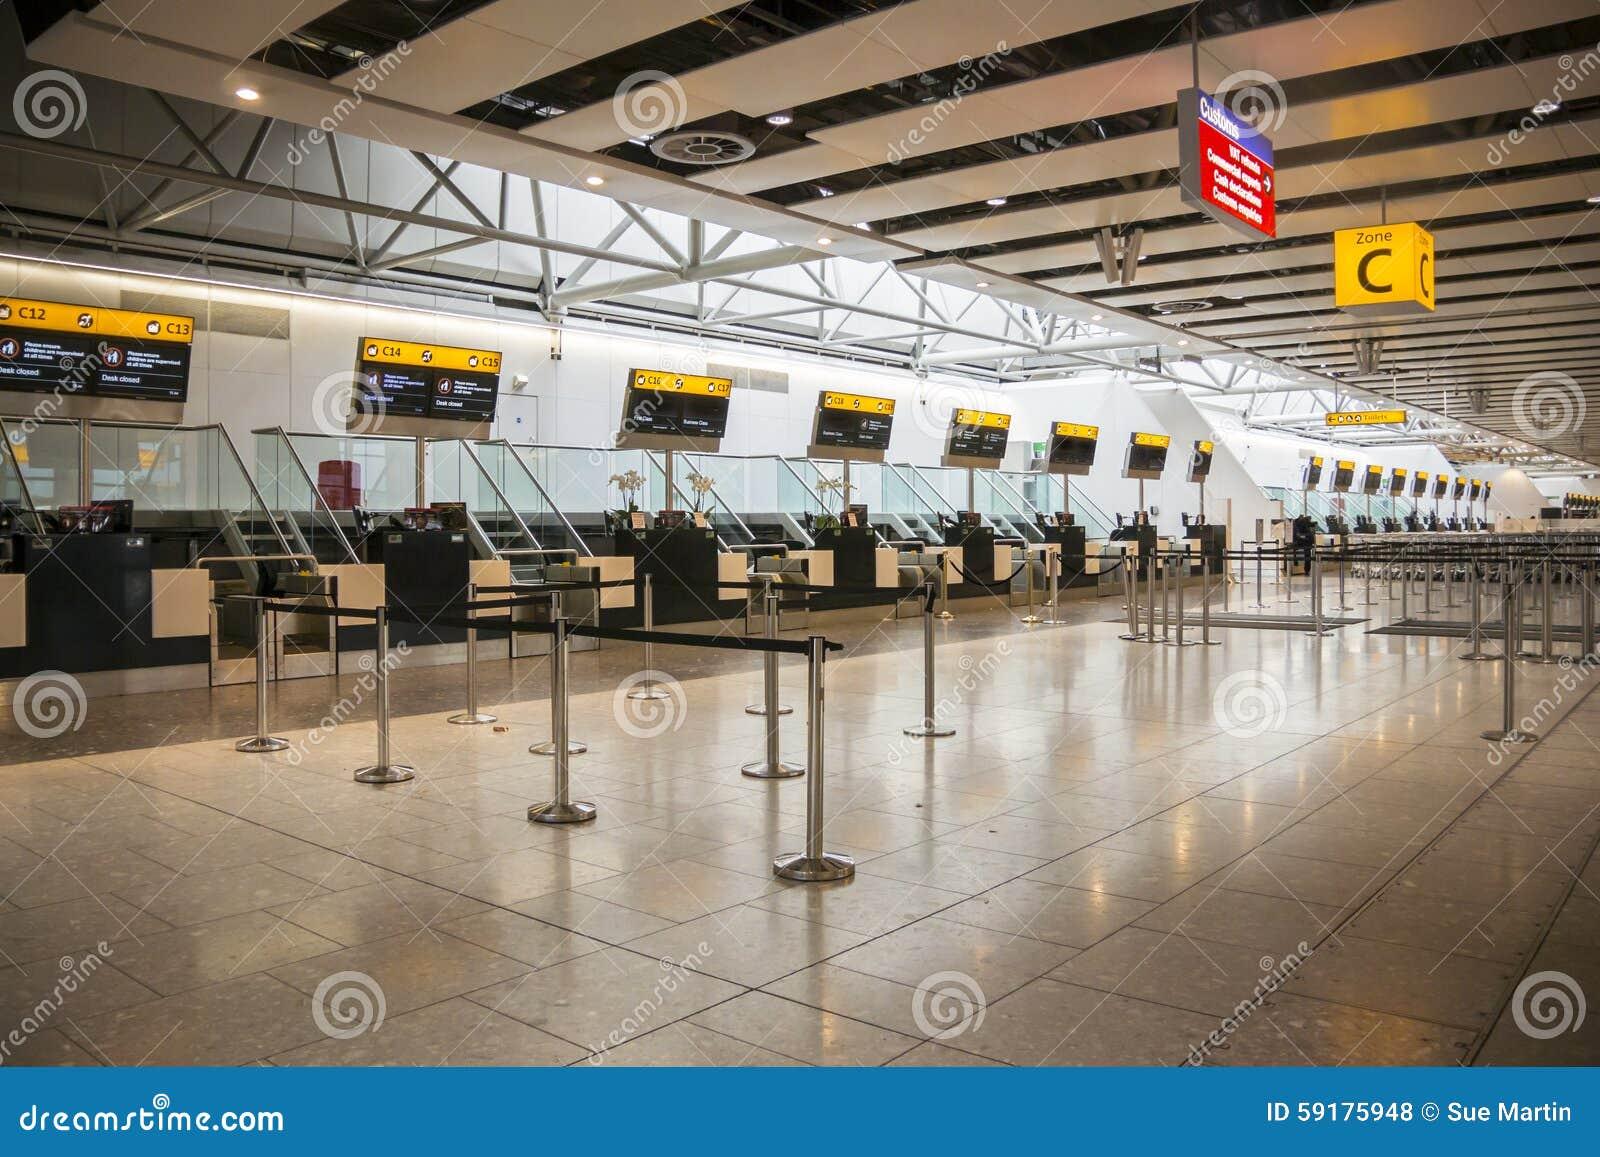 Закрытый авиапорт проверяет внутри столы